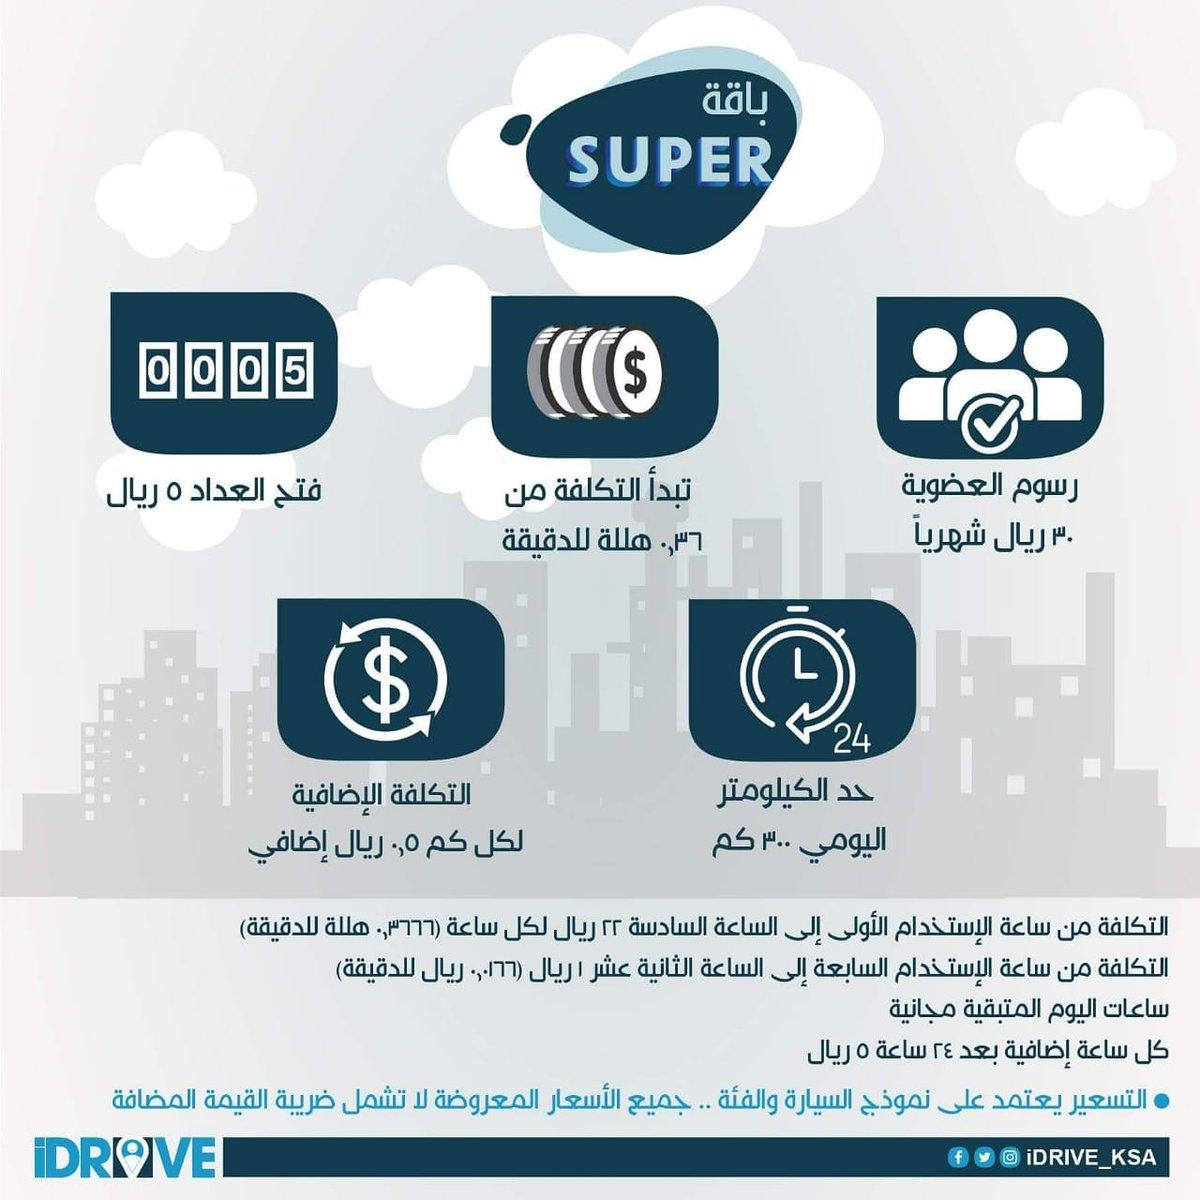 11 1 - تطبيق IDrive-KSA أول تطبيق خاص بمشاركة السيارات في المملكة العربية السعودية